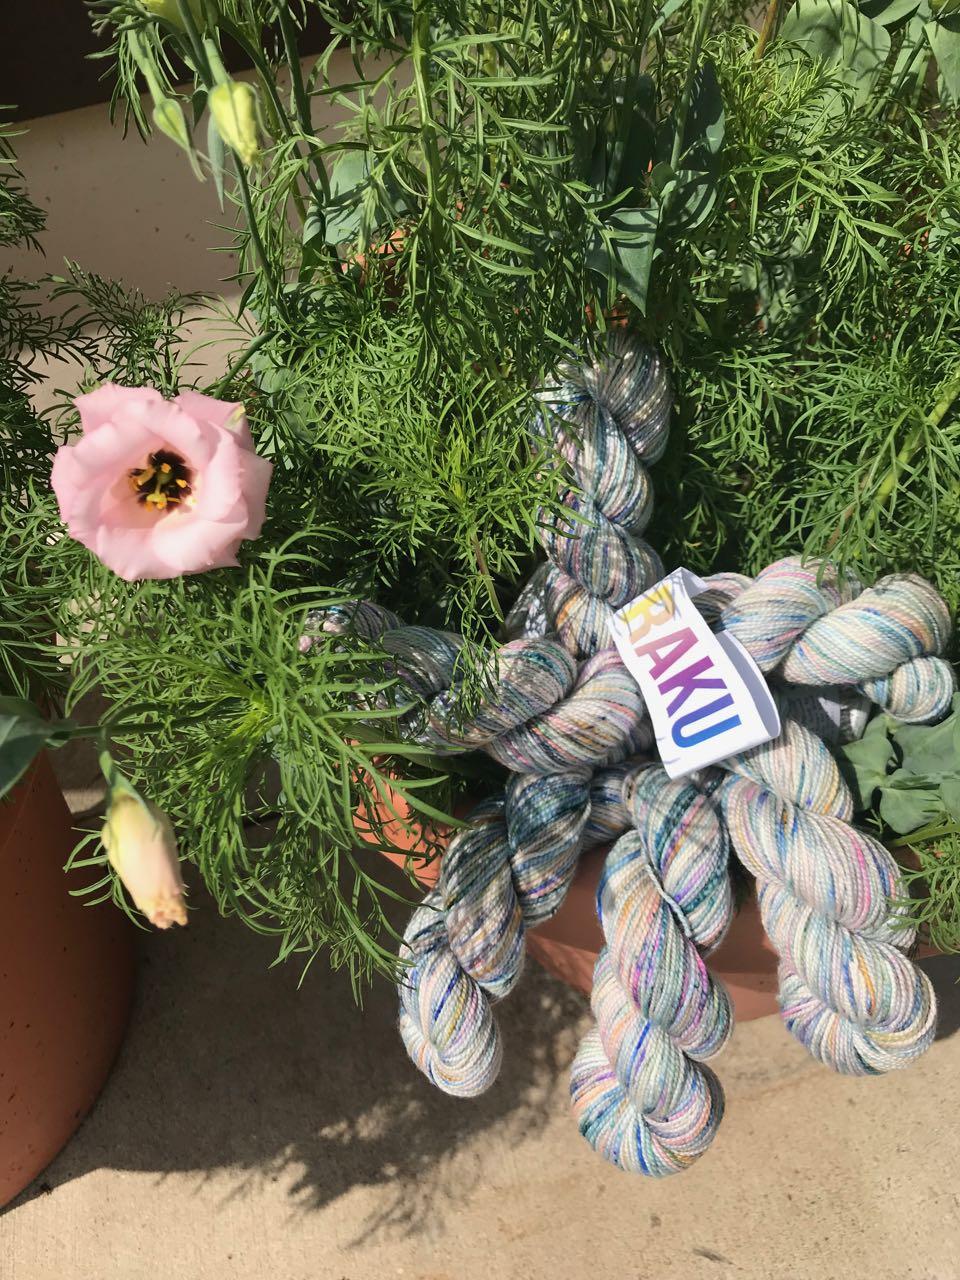 RAKU blossoming at Sheep's Clothing.